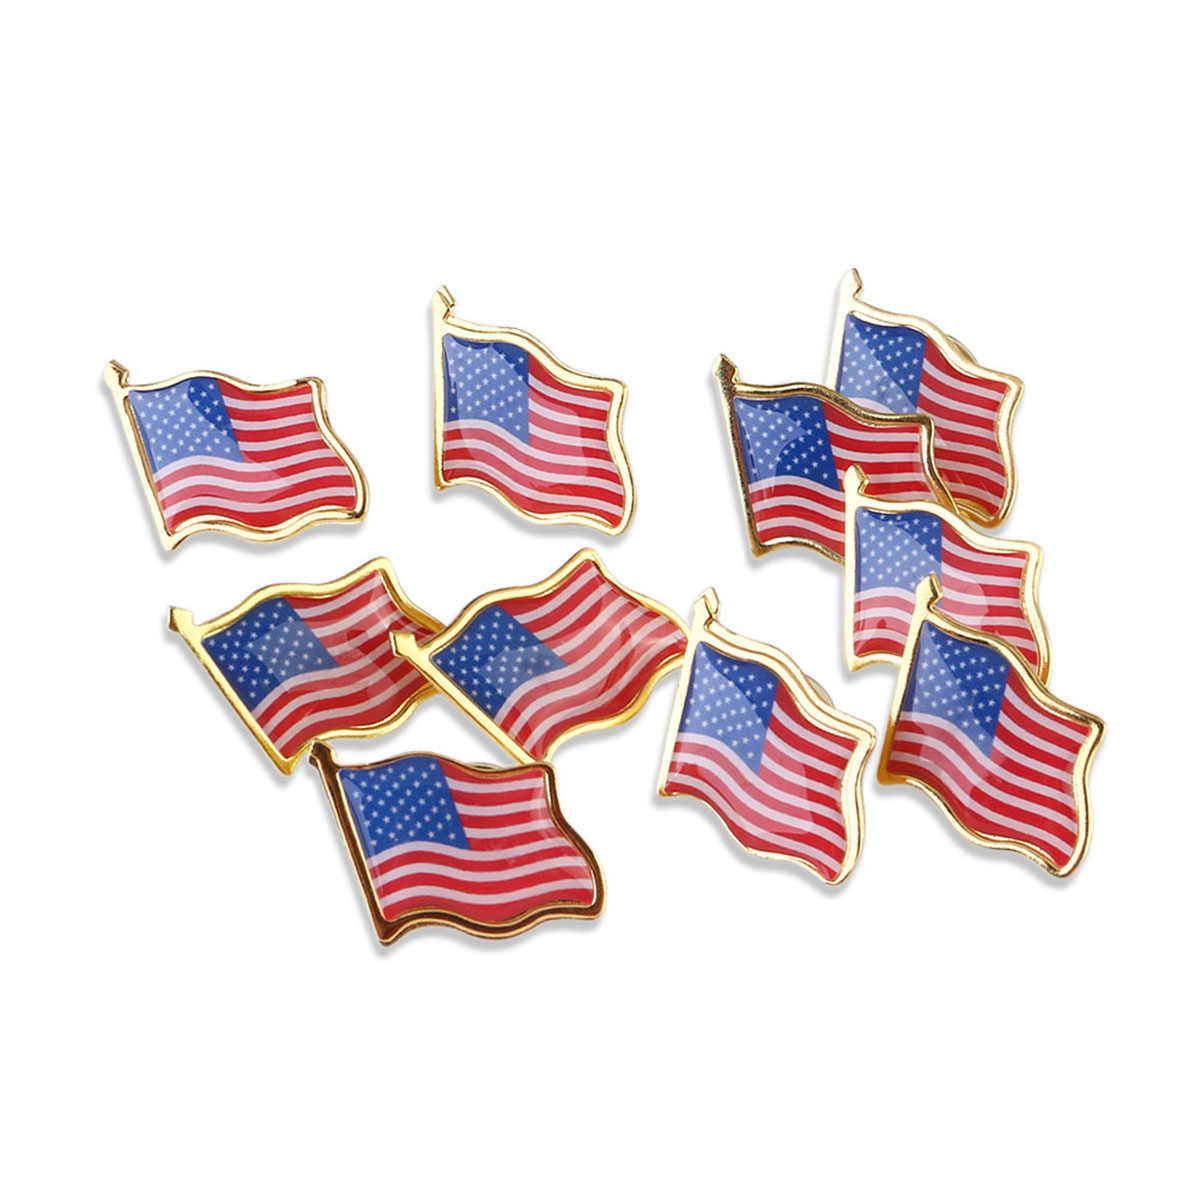 10 pz/lotto Bandiera Americana Independence Day Risvolto Spille Stati Uniti Stati Uniti D'AMERICA Cappello Cravatta Tack Distintivo Spille Decorazione Del Partito Forniture